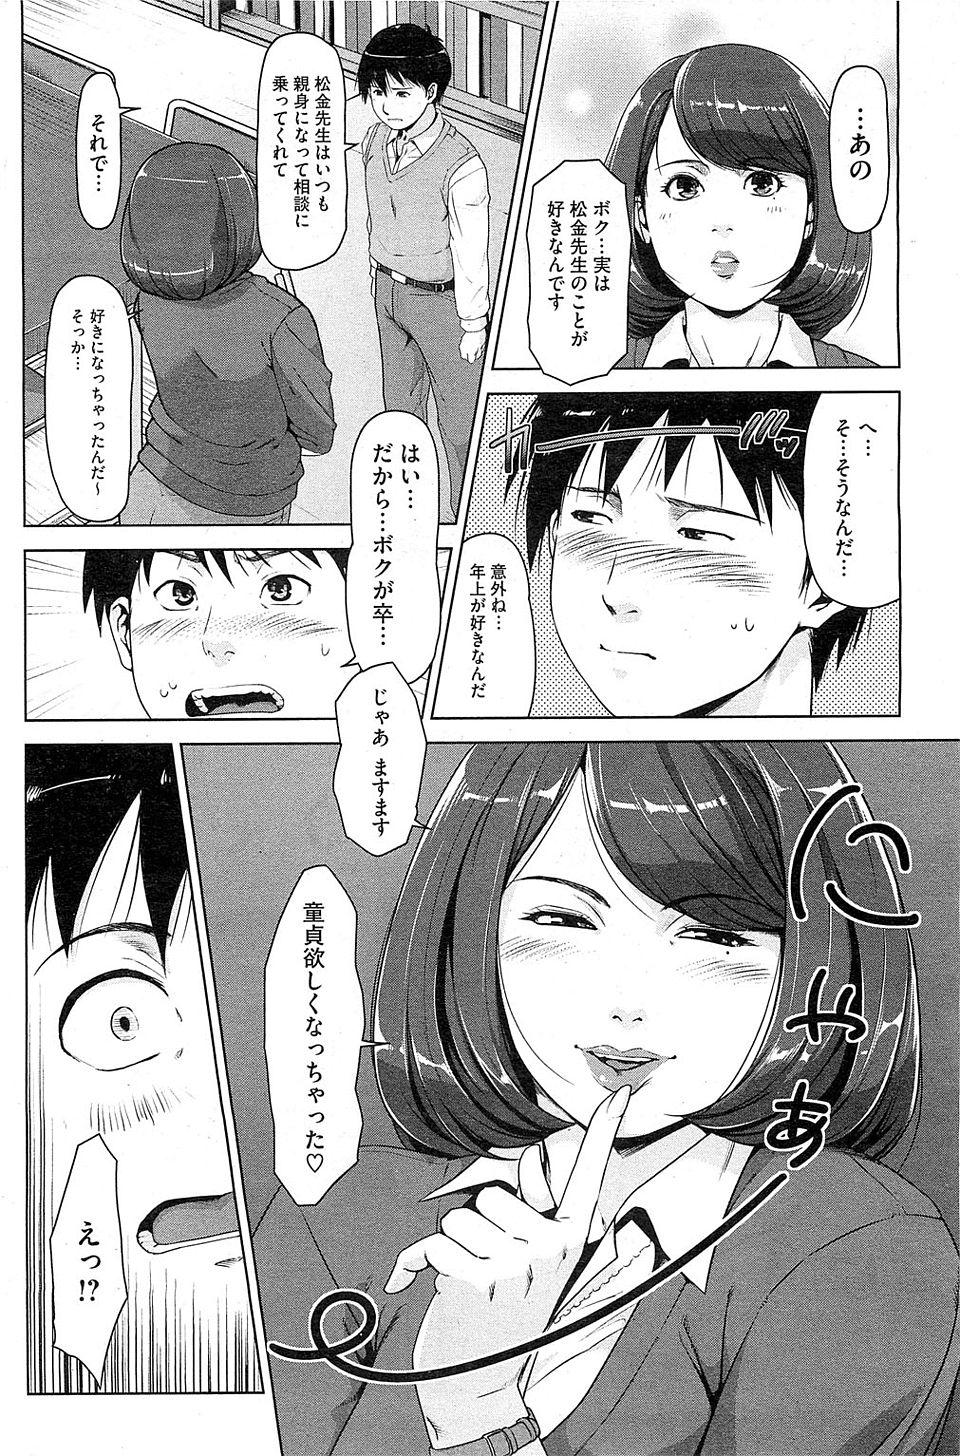 【エロ漫画・エロ同人誌】巨乳JDの教育実習生に誘惑されてセックスしますたwww (6)